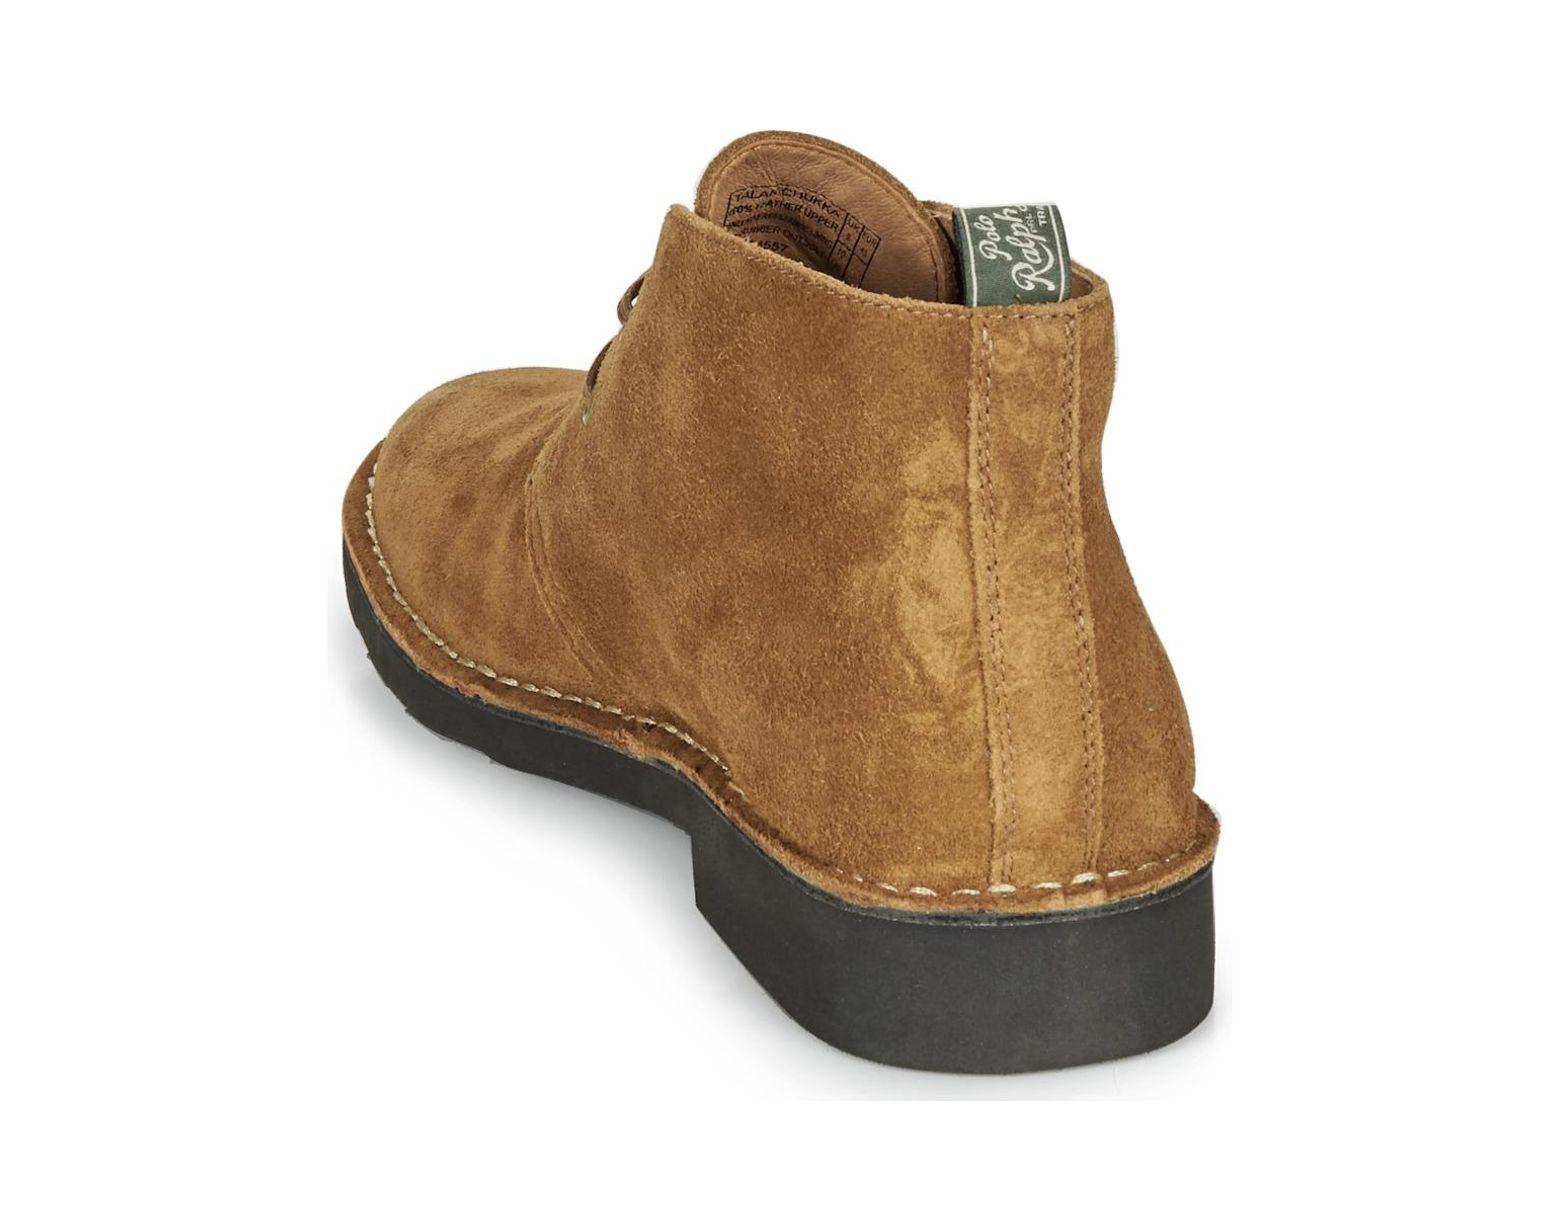 72e5d3e3123 Men's Brown Talan Chukka Mid Boots